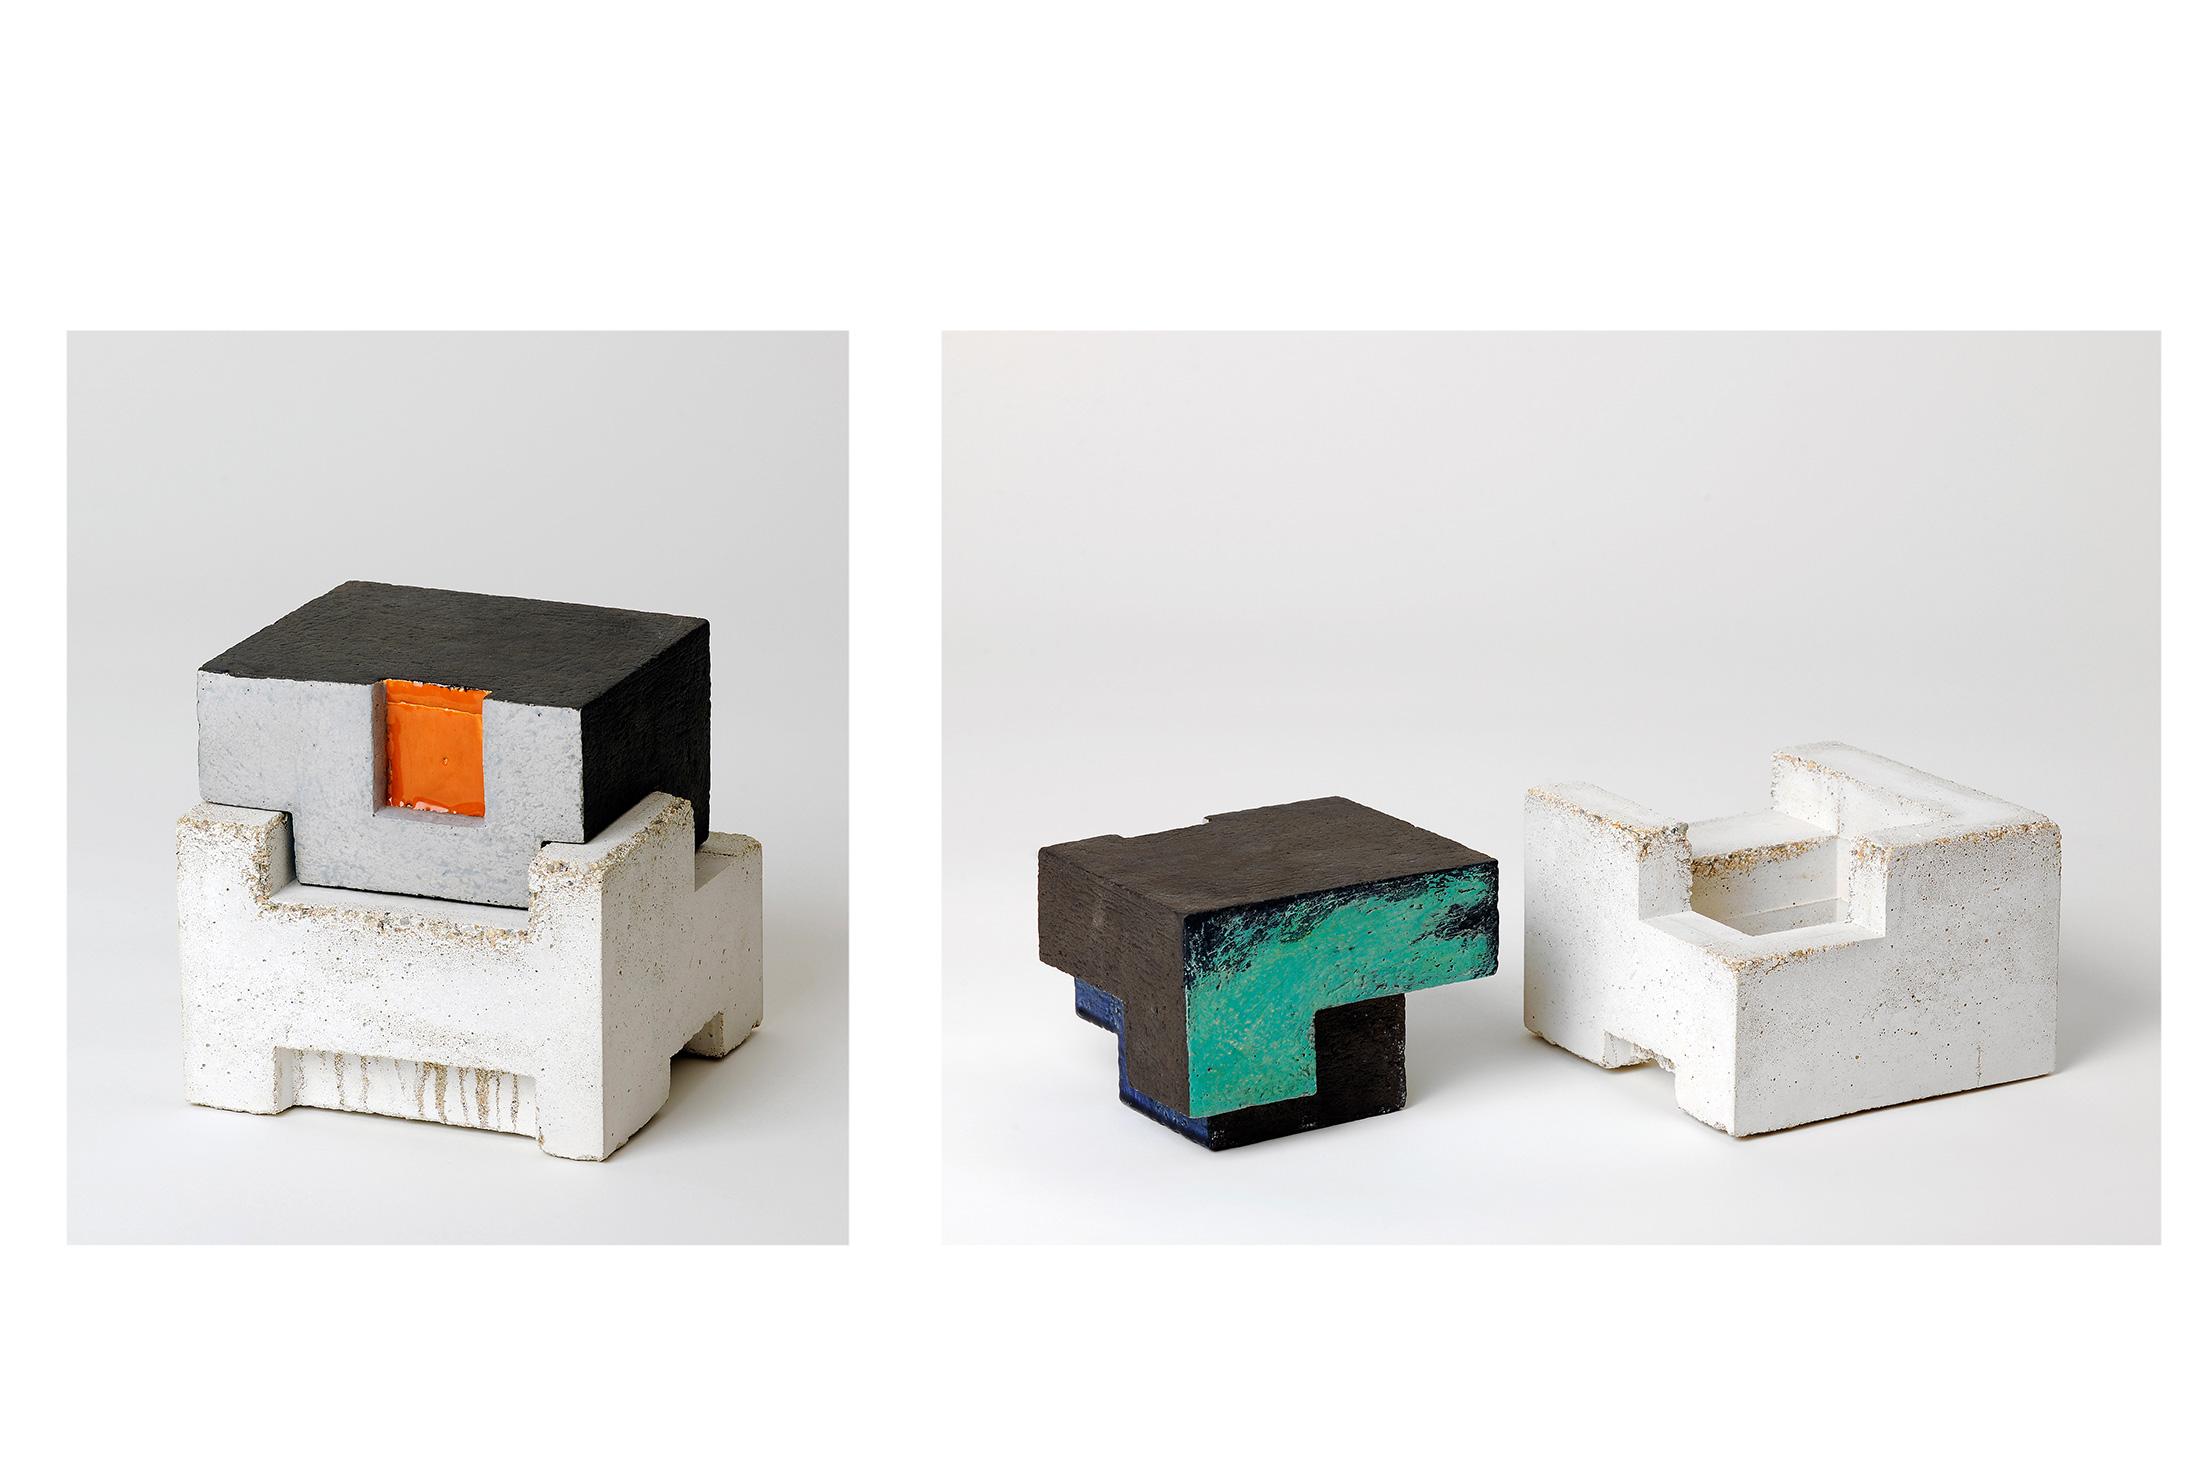 Zwei IV | 2010 | Steinzeug, Beton | 16 x 16 x 16 cm